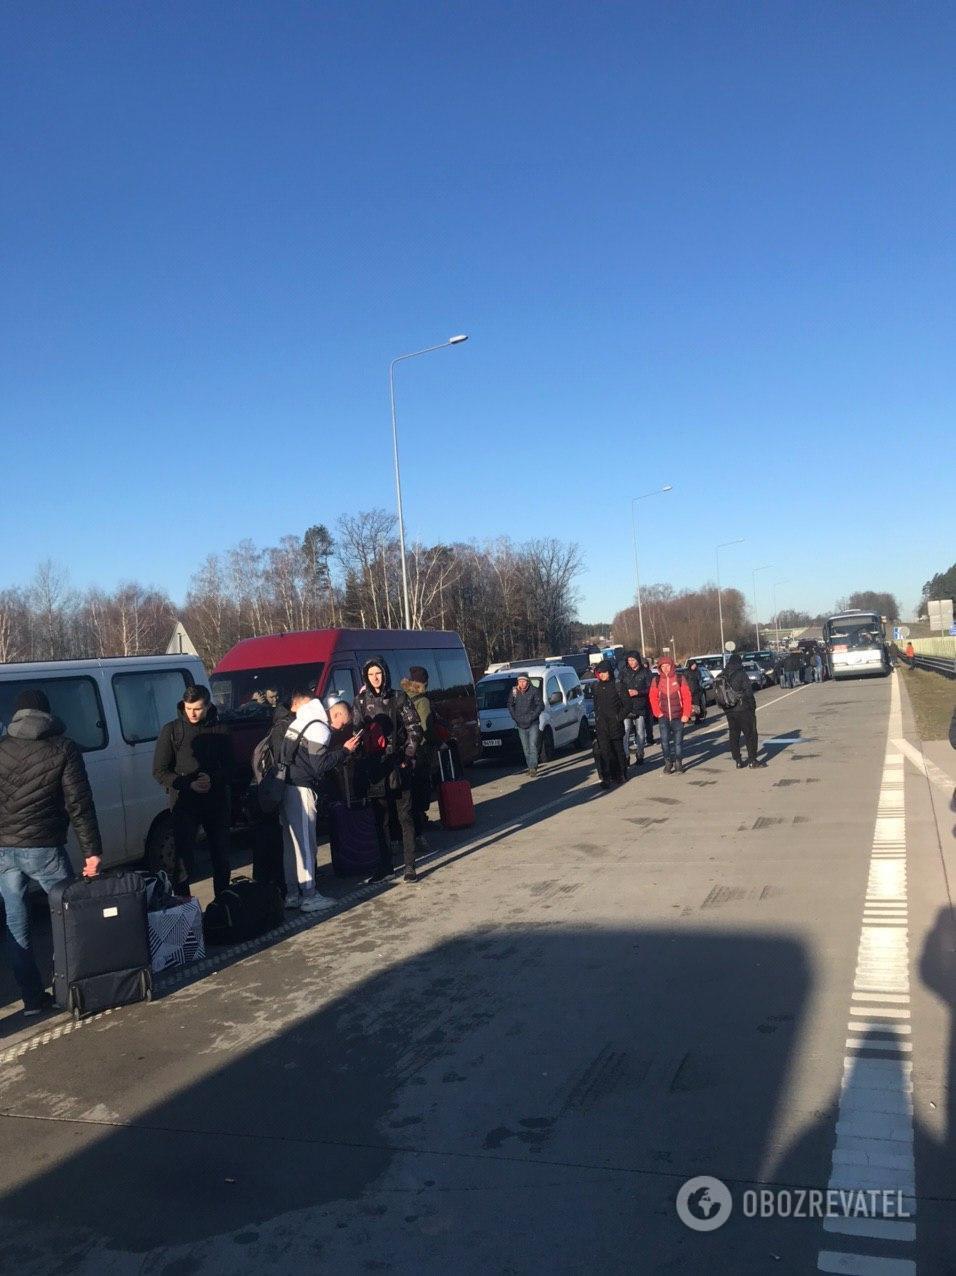 Граница с Польшей закрыта, тысячи украинцев застряли: эксклюзив